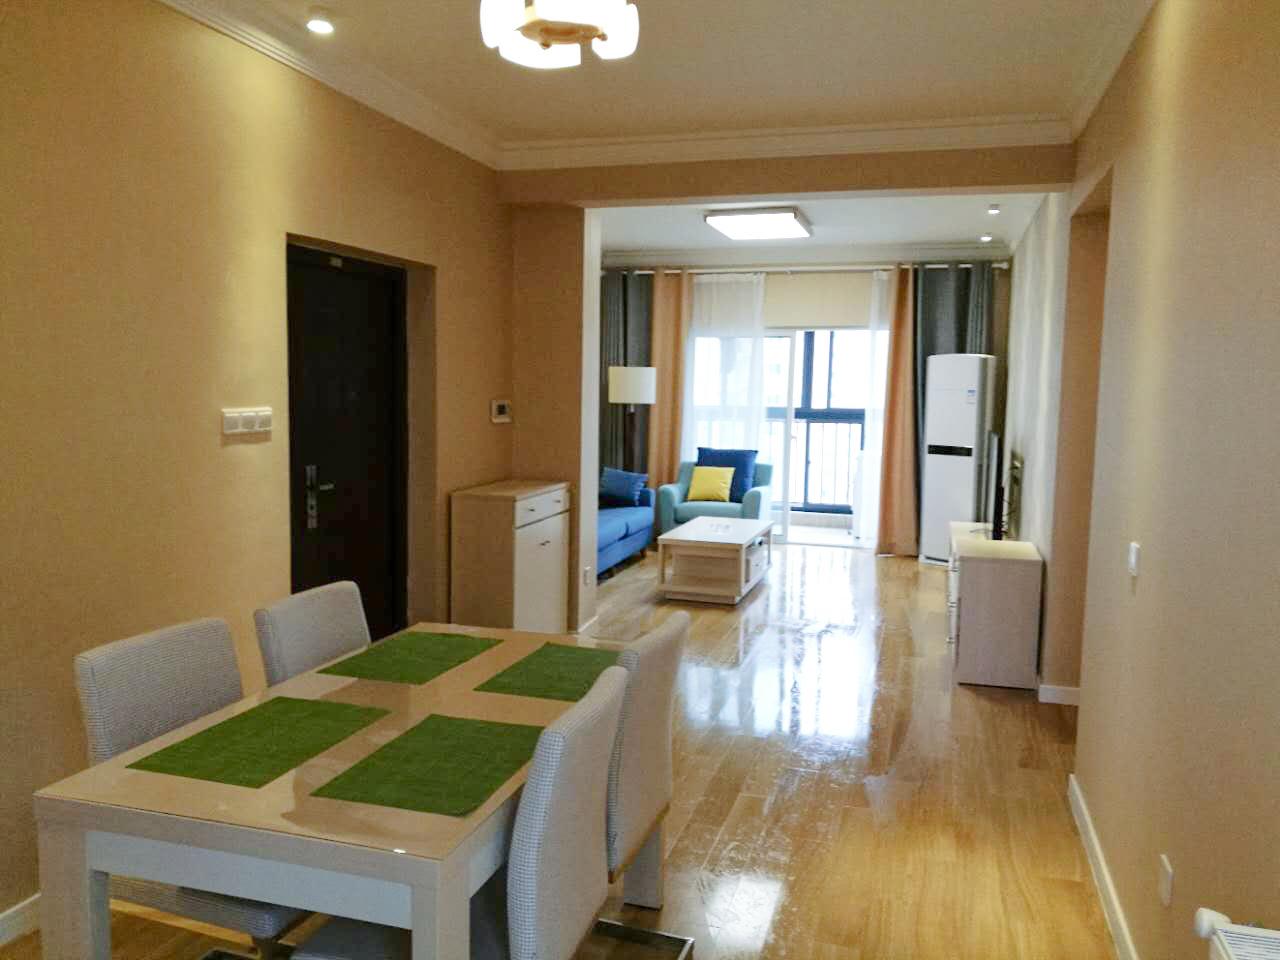 房间中空间格局一目了然,客厅和用餐空间没有隔开区分起来,使得空间通透,明亮。